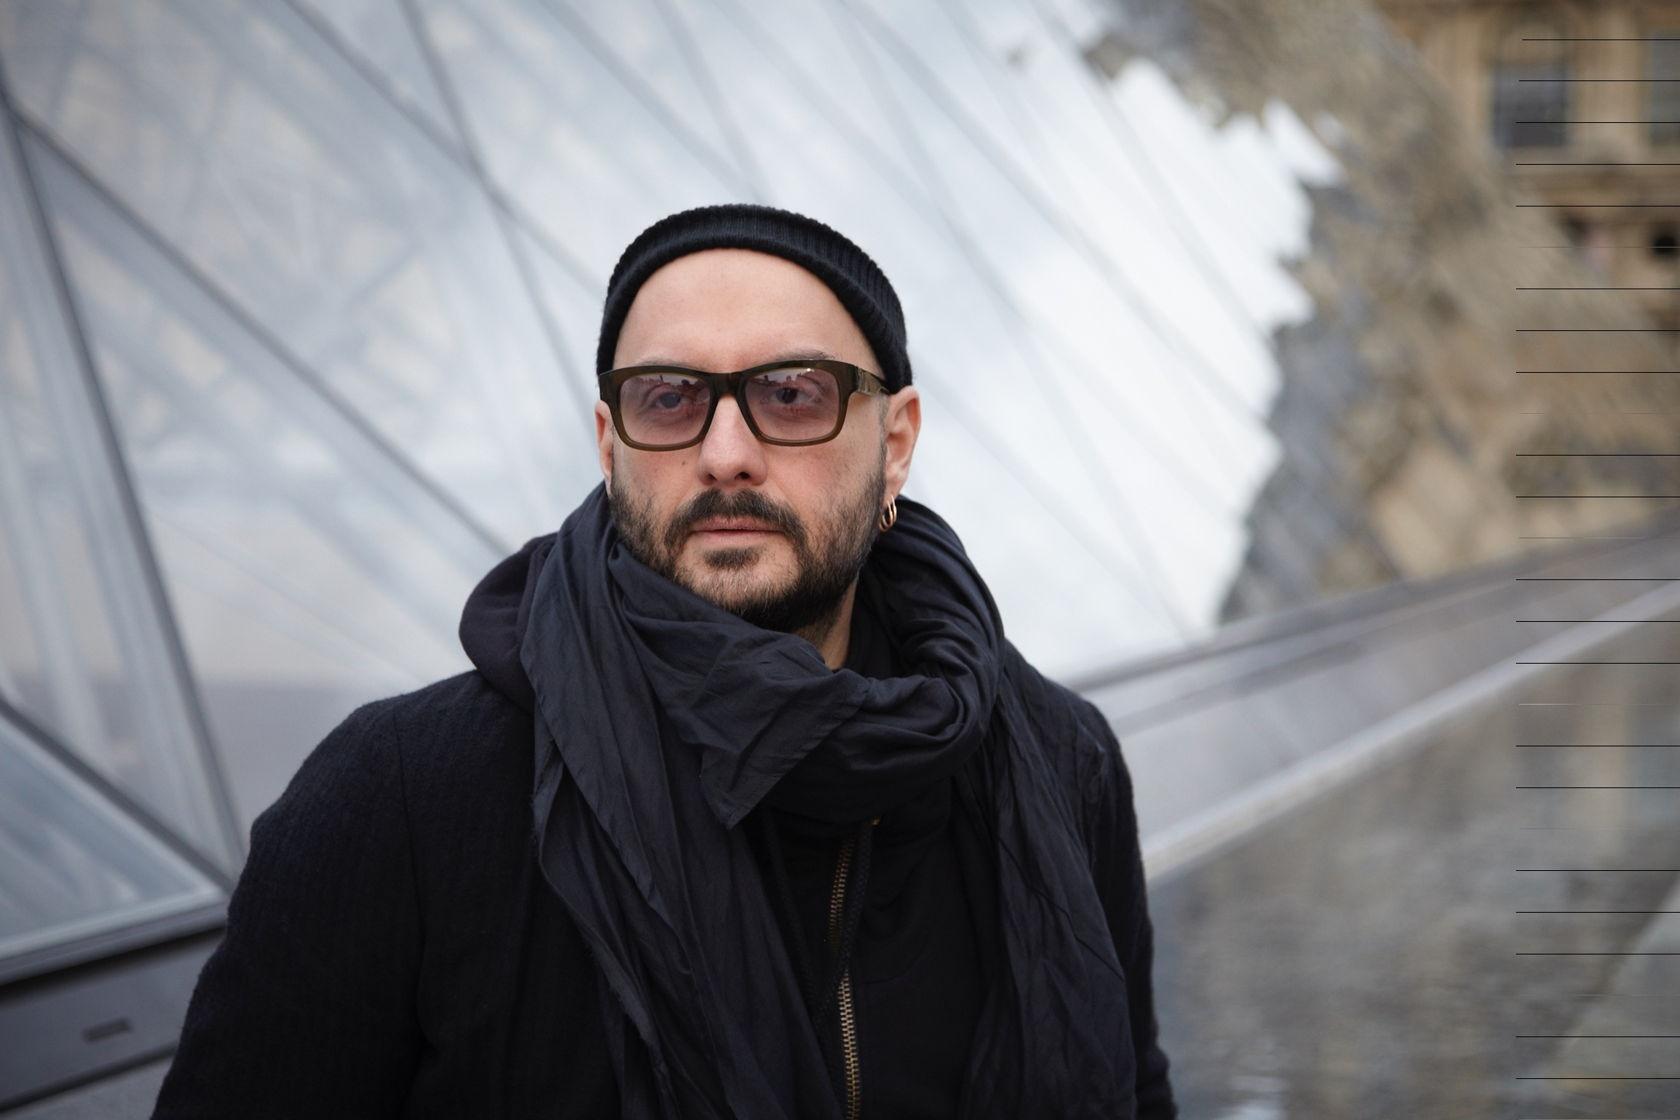 СМИ: Кирилл Серебренников снимет фильм об Йозефе Менгеле